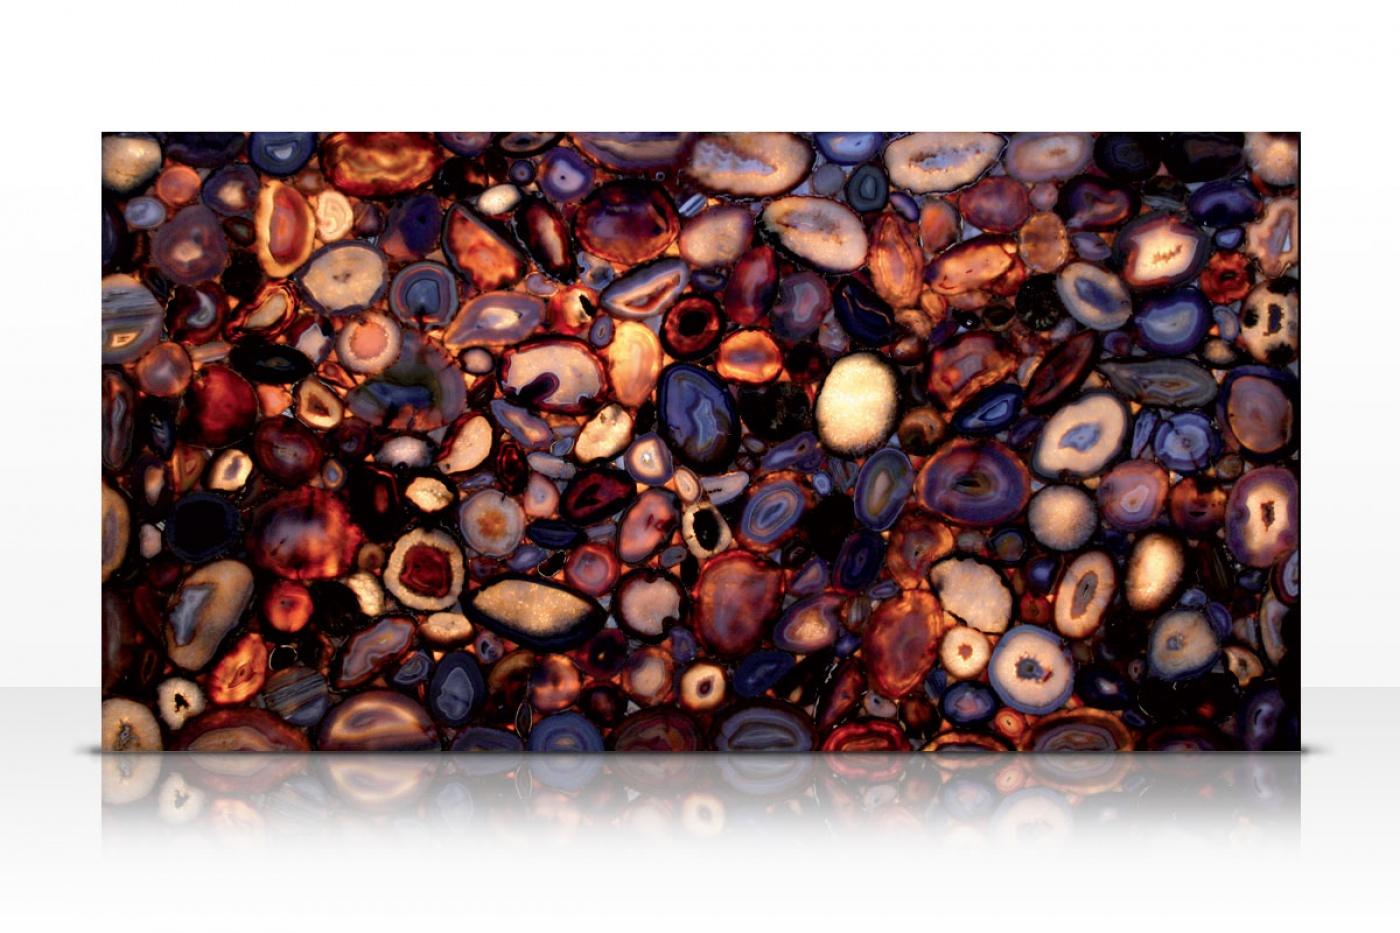 Marbre Natural Agate slab backlit